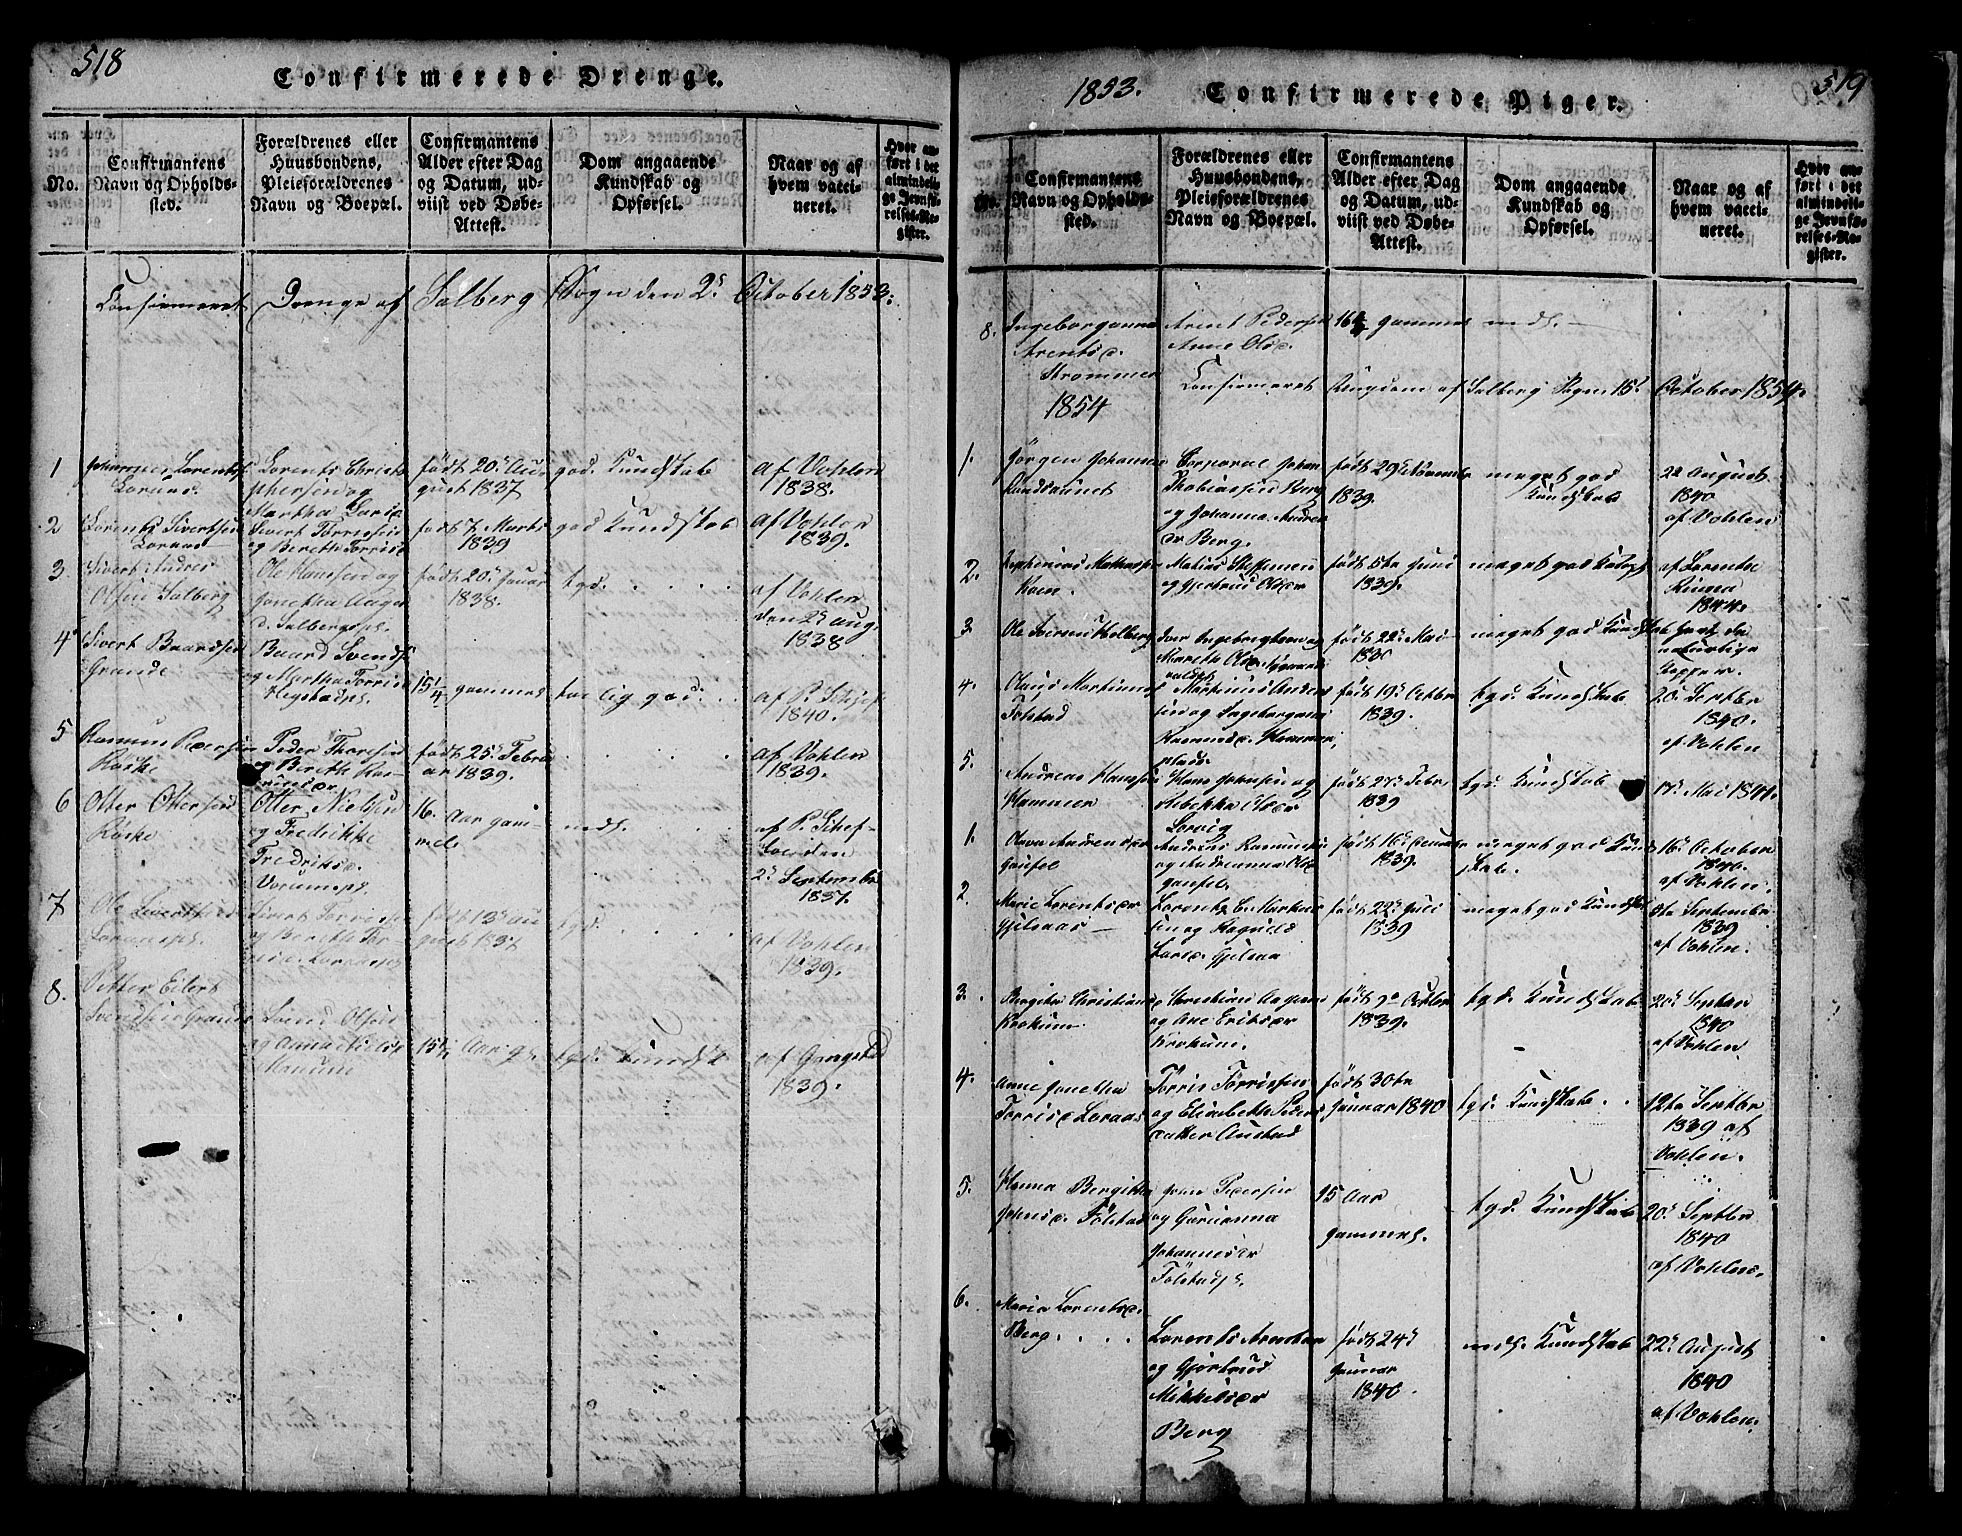 SAT, Ministerialprotokoller, klokkerbøker og fødselsregistre - Nord-Trøndelag, 731/L0310: Klokkerbok nr. 731C01, 1816-1874, s. 518-519